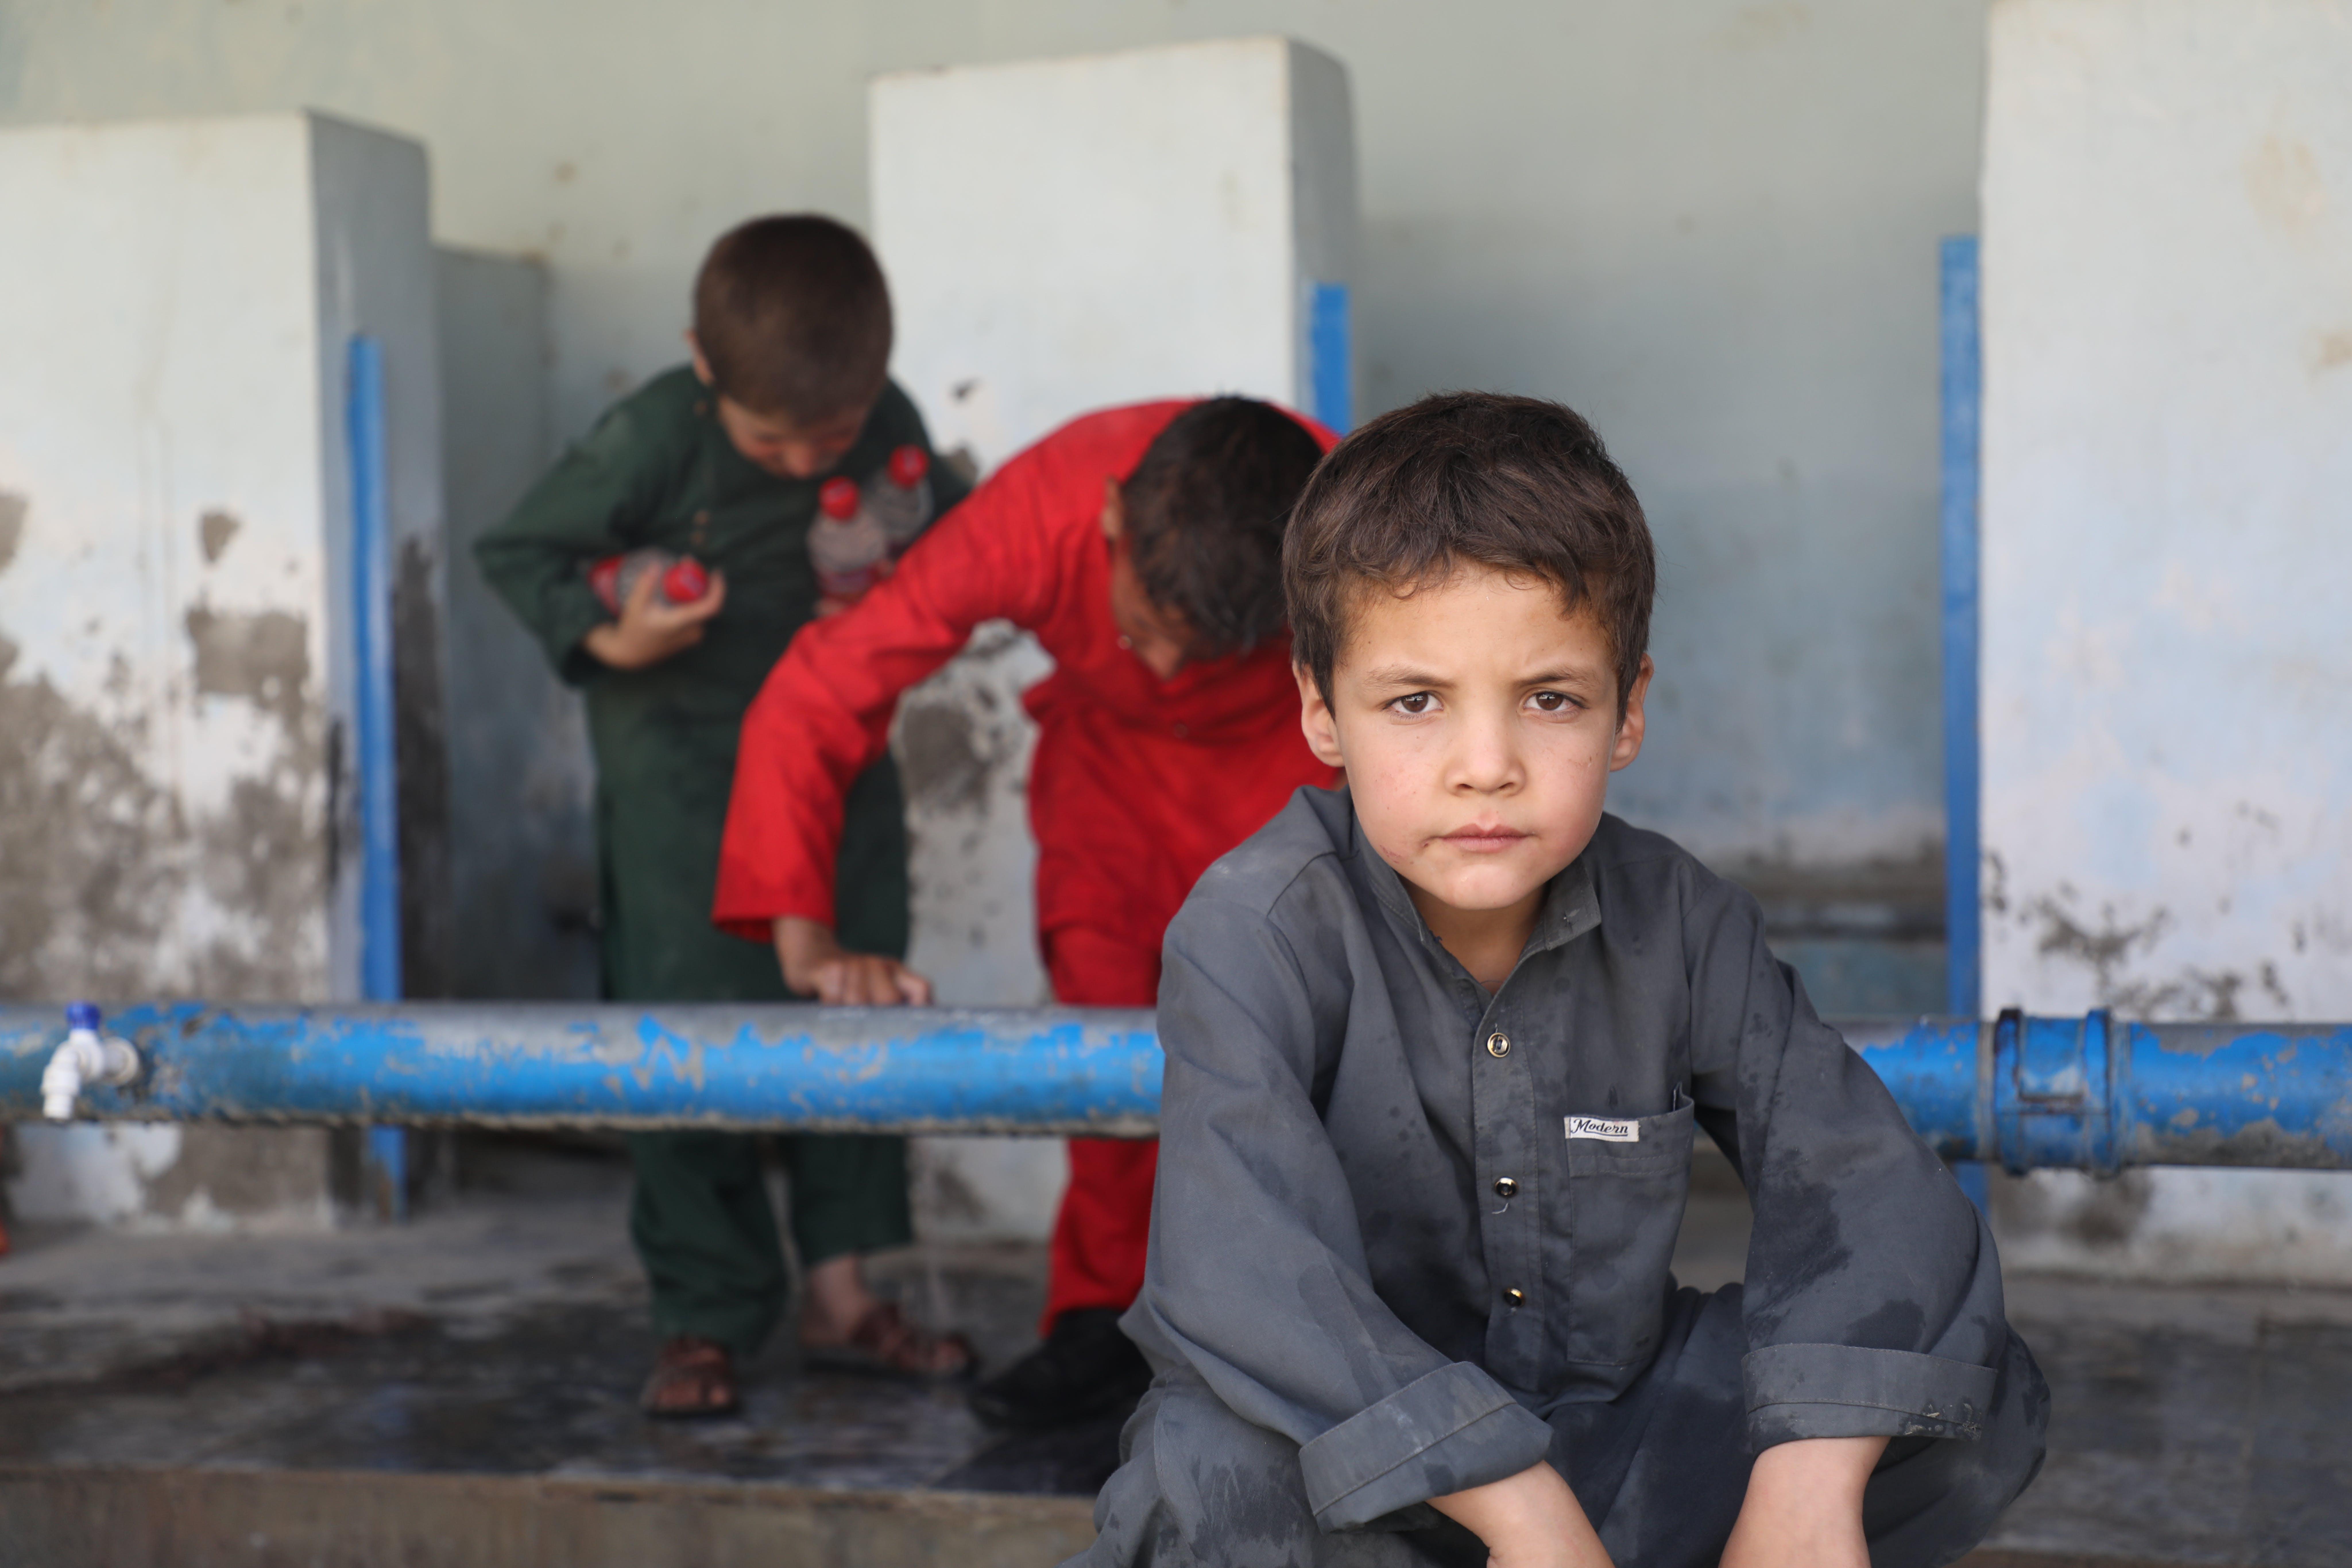 Kabul, un bambino guarda fisso in camera. Sullo sfondo la scuola di Peer Mohammad Kakar dove vivono oltre 400 famiglie di sfollati che hanno bisogno di assistenza immediata